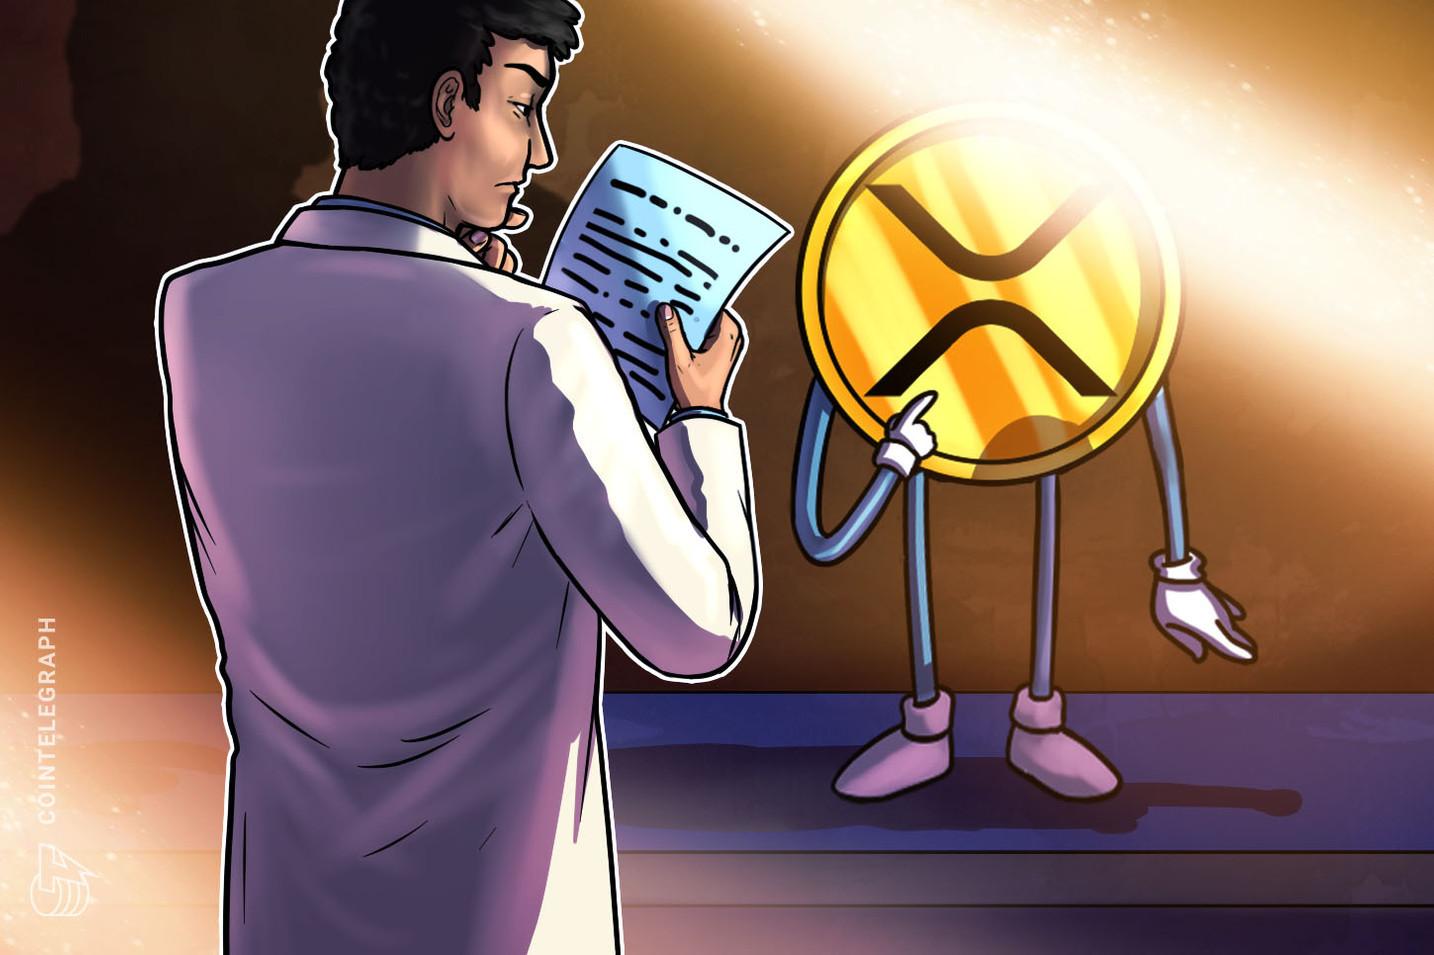 Coin Center non ha alcuna intenzione di difendere XRP nella sua disputa con la SEC